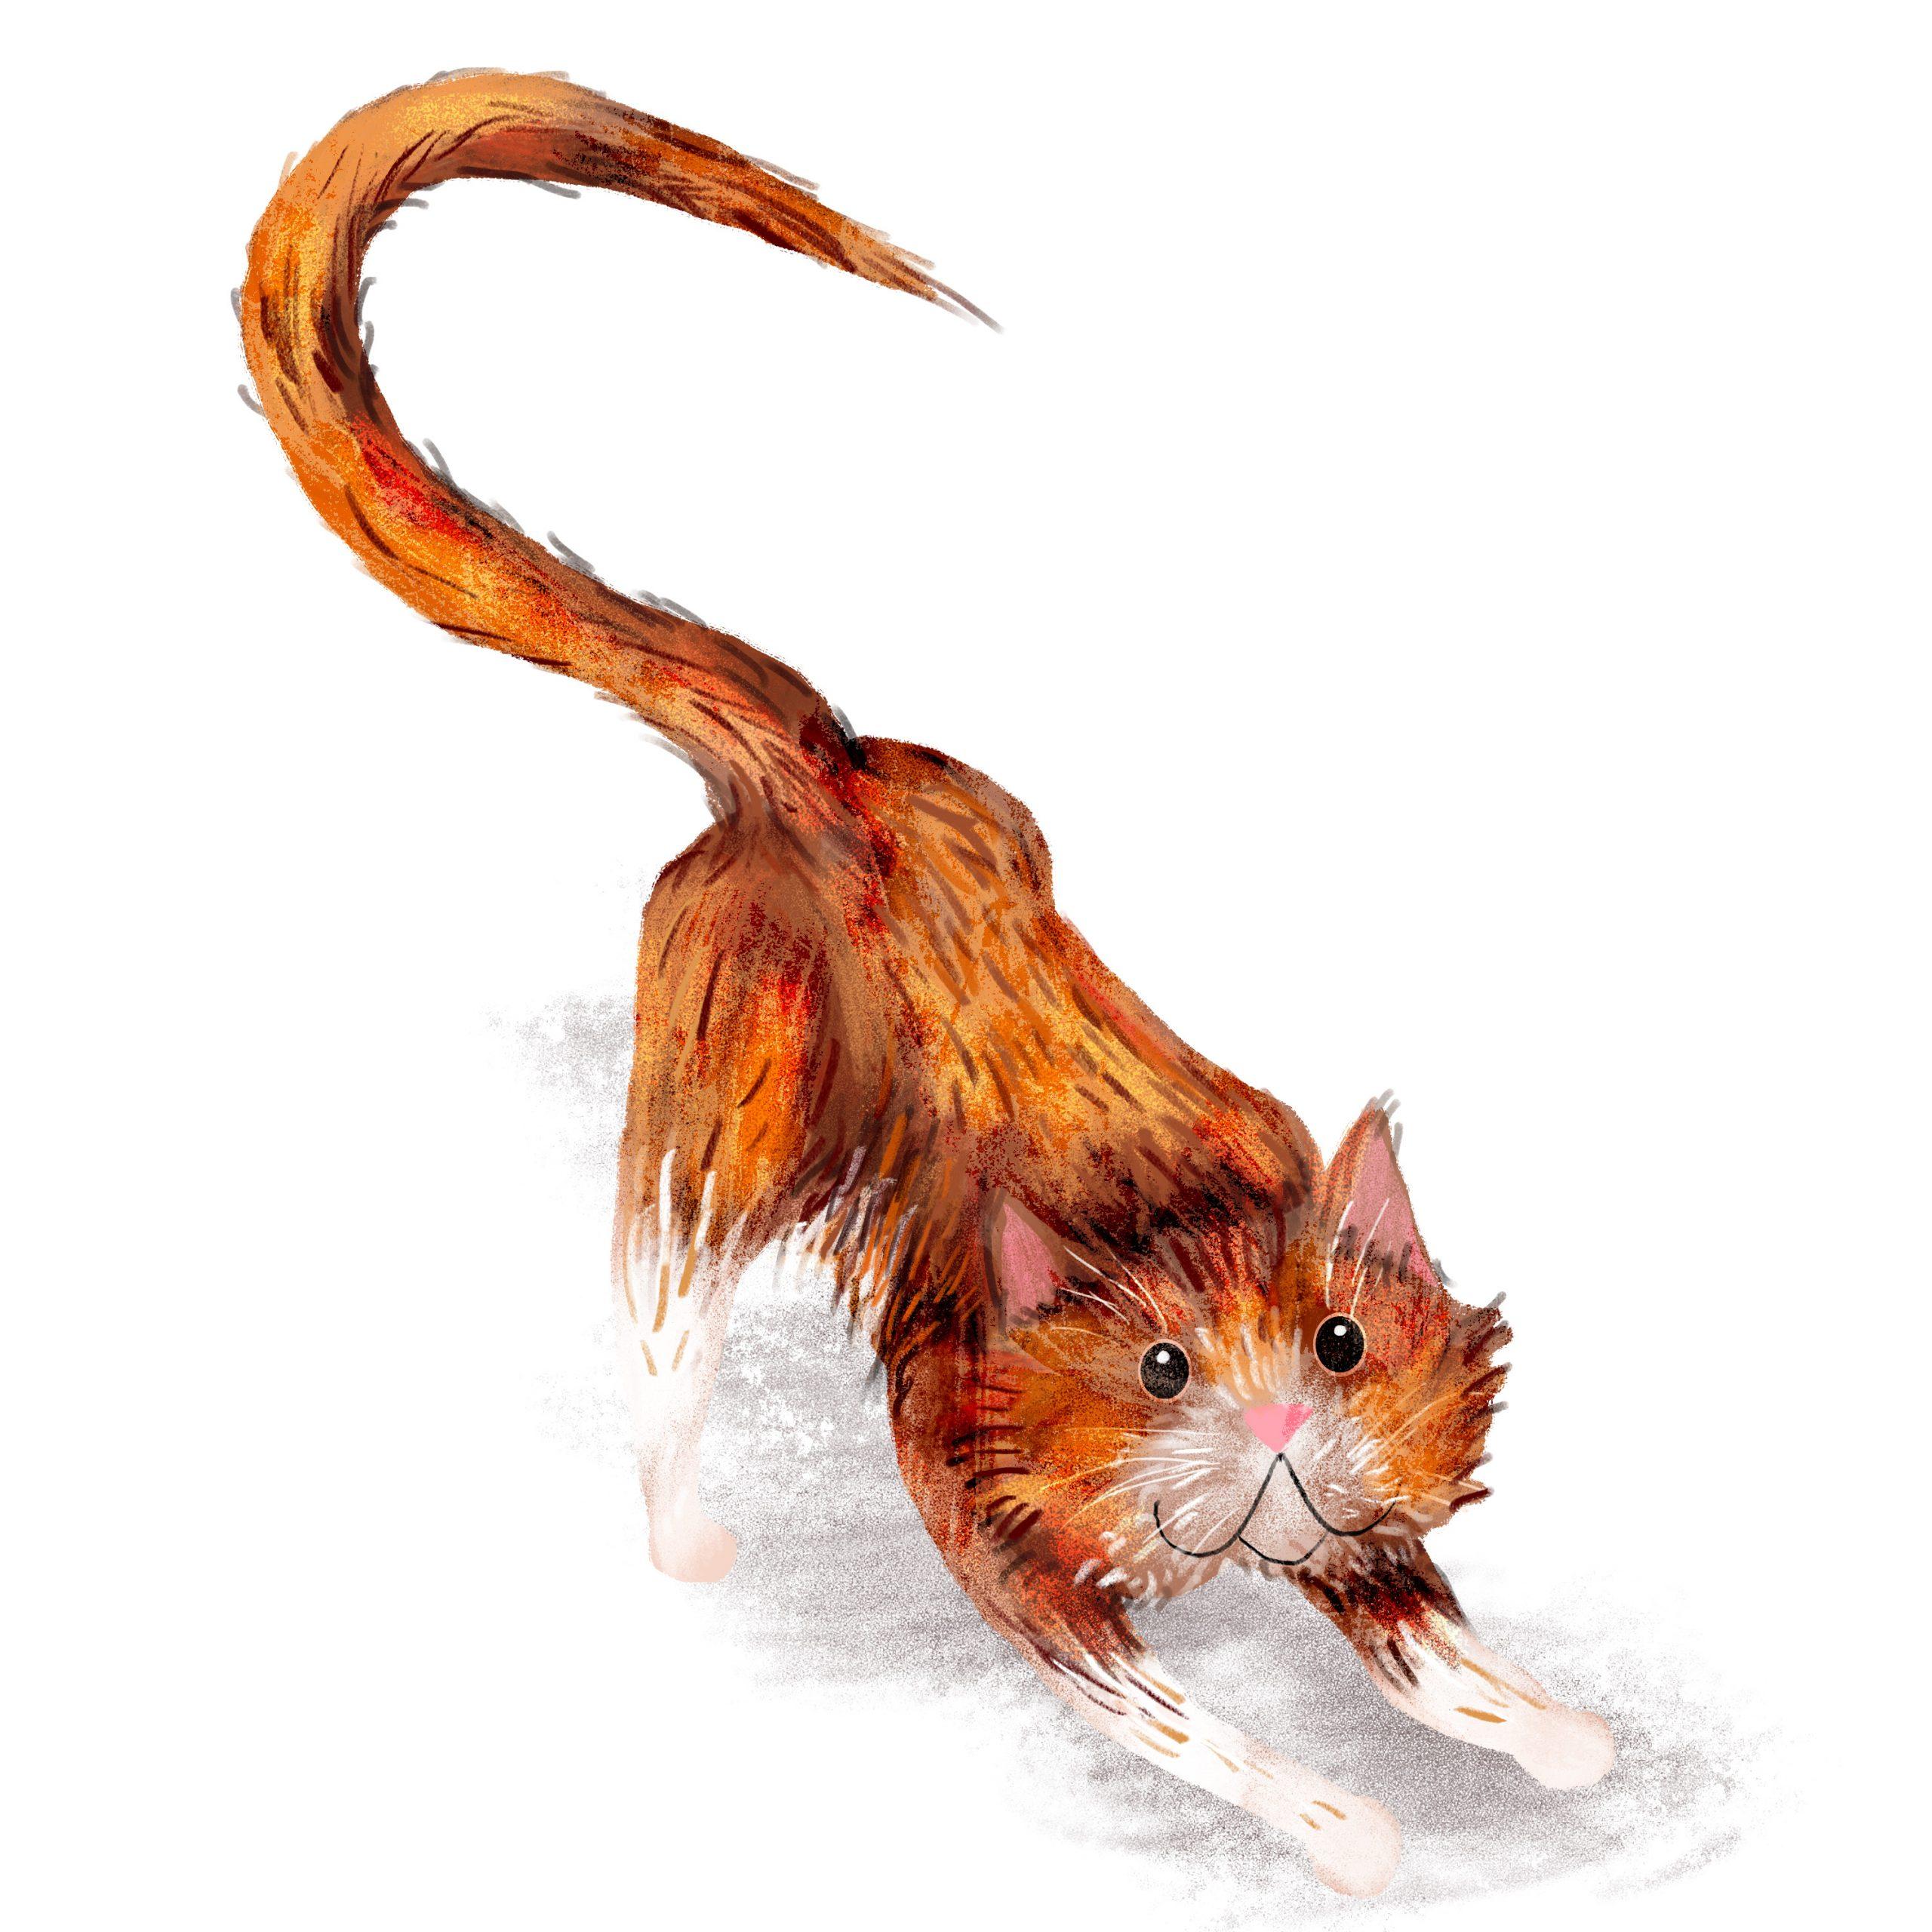 """PROJECT 2O CATS / A DAY """"Un chat par jour  pendant 20 jours."""" Peinture numérique  """"One cat, one day for 20 days"""" Digital painting"""